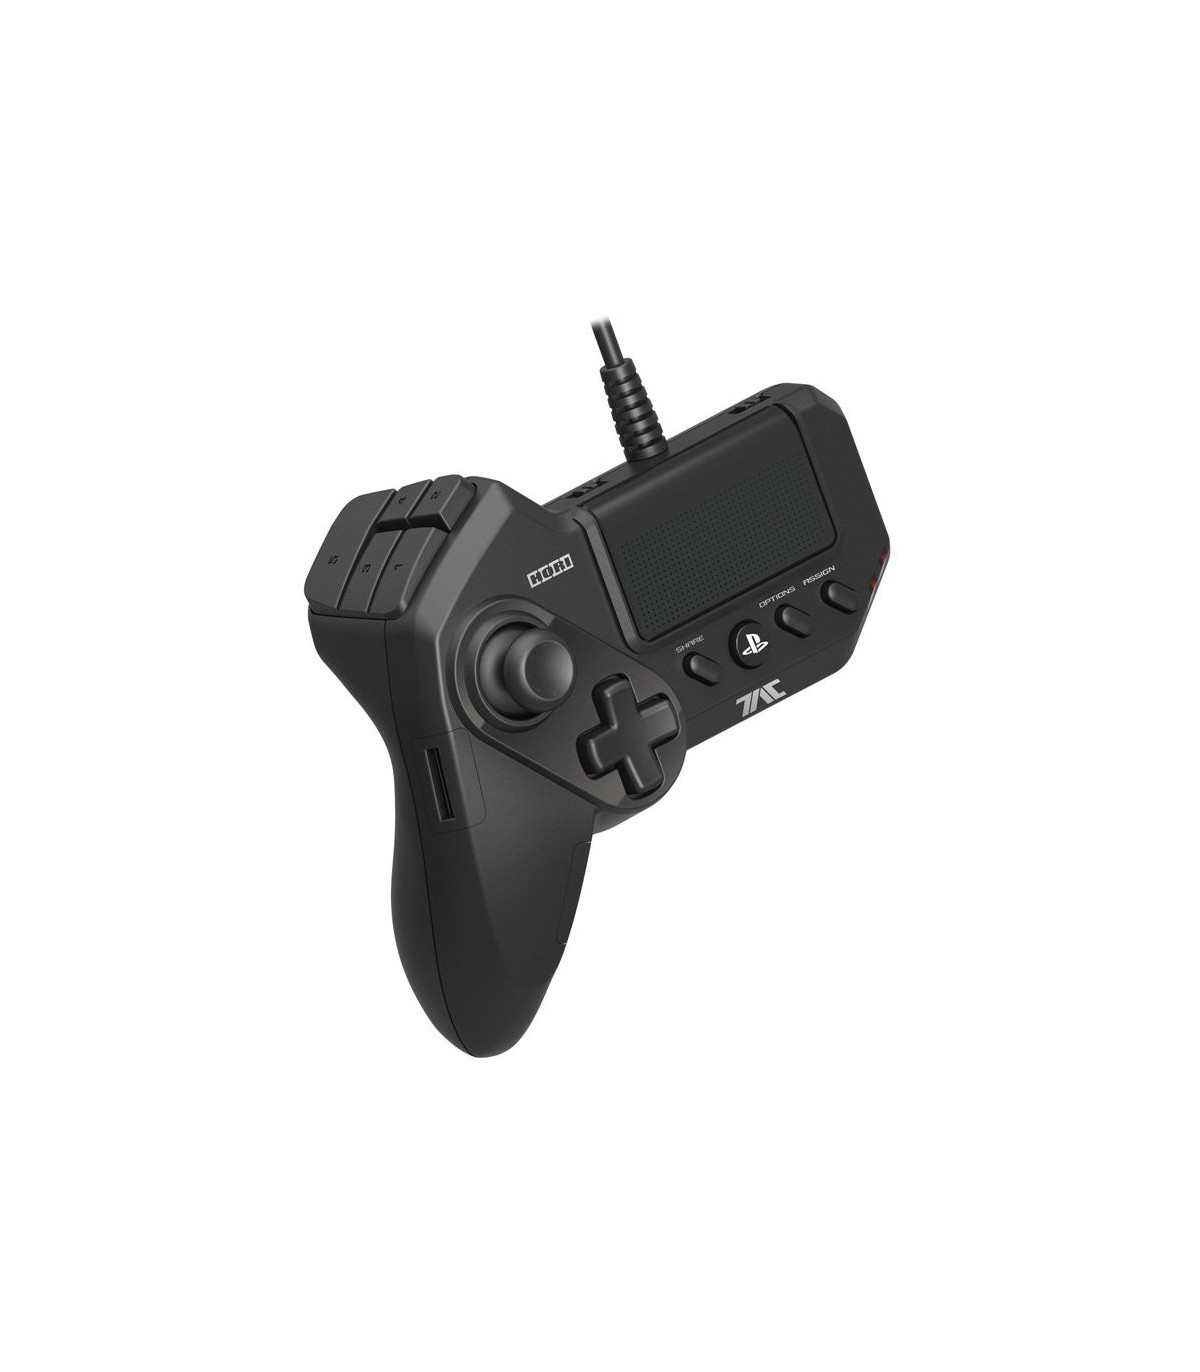 موس و دسته HORI Tactical Assault Commander Grip KeyPad and Gamepad Controller